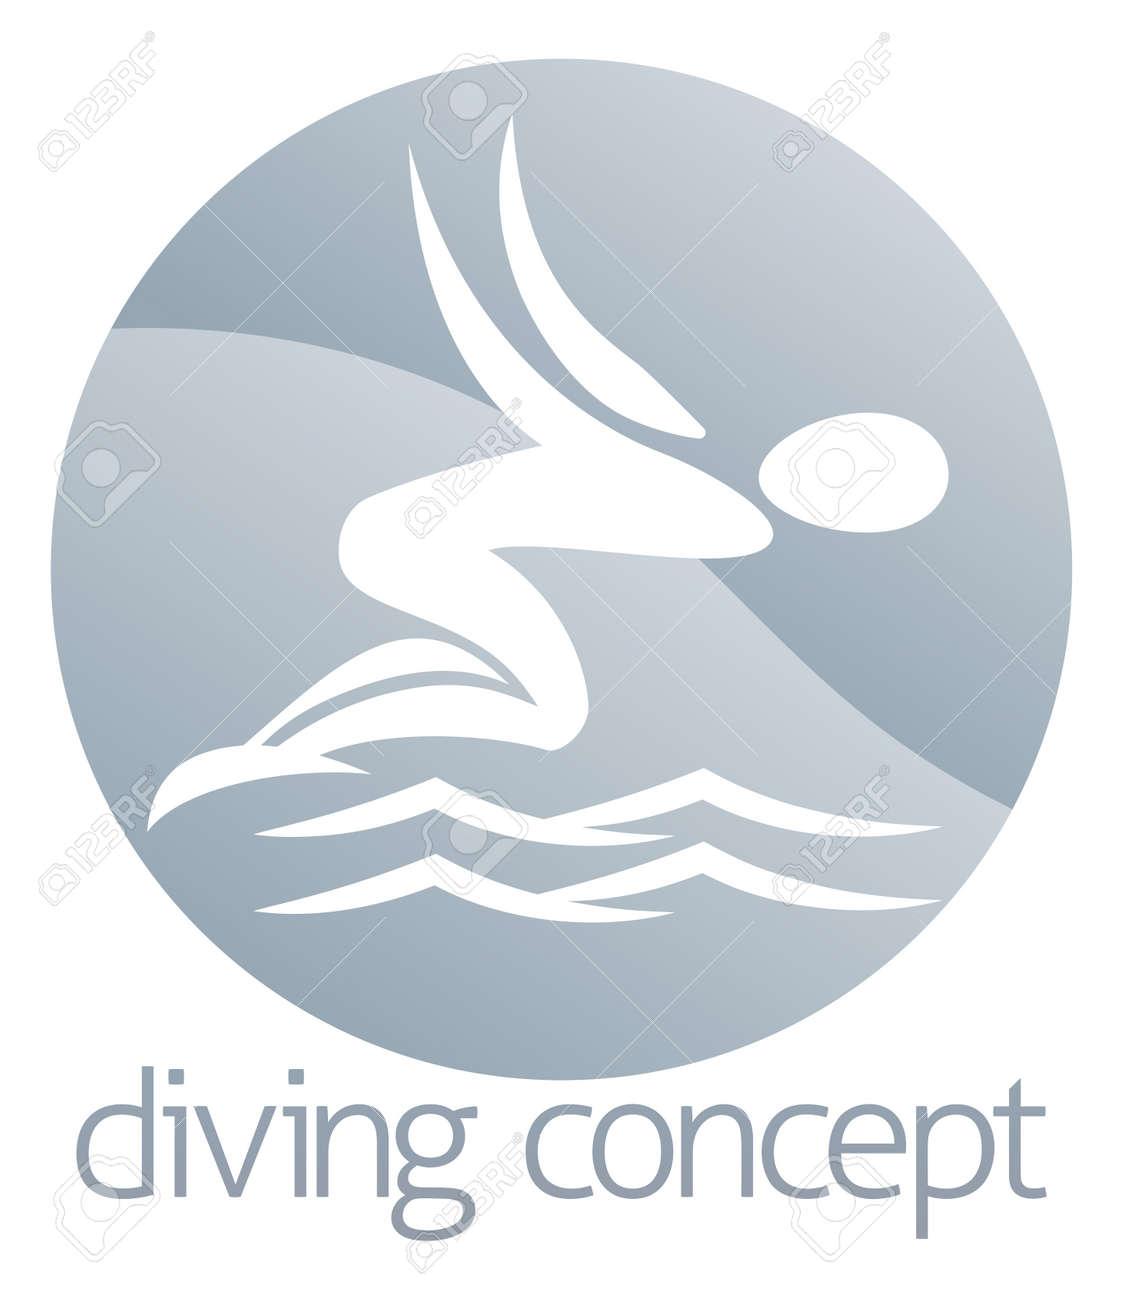 ダイビング水サークルのコンセプト デザインに、抽象的な泳ぎ手の図の ...